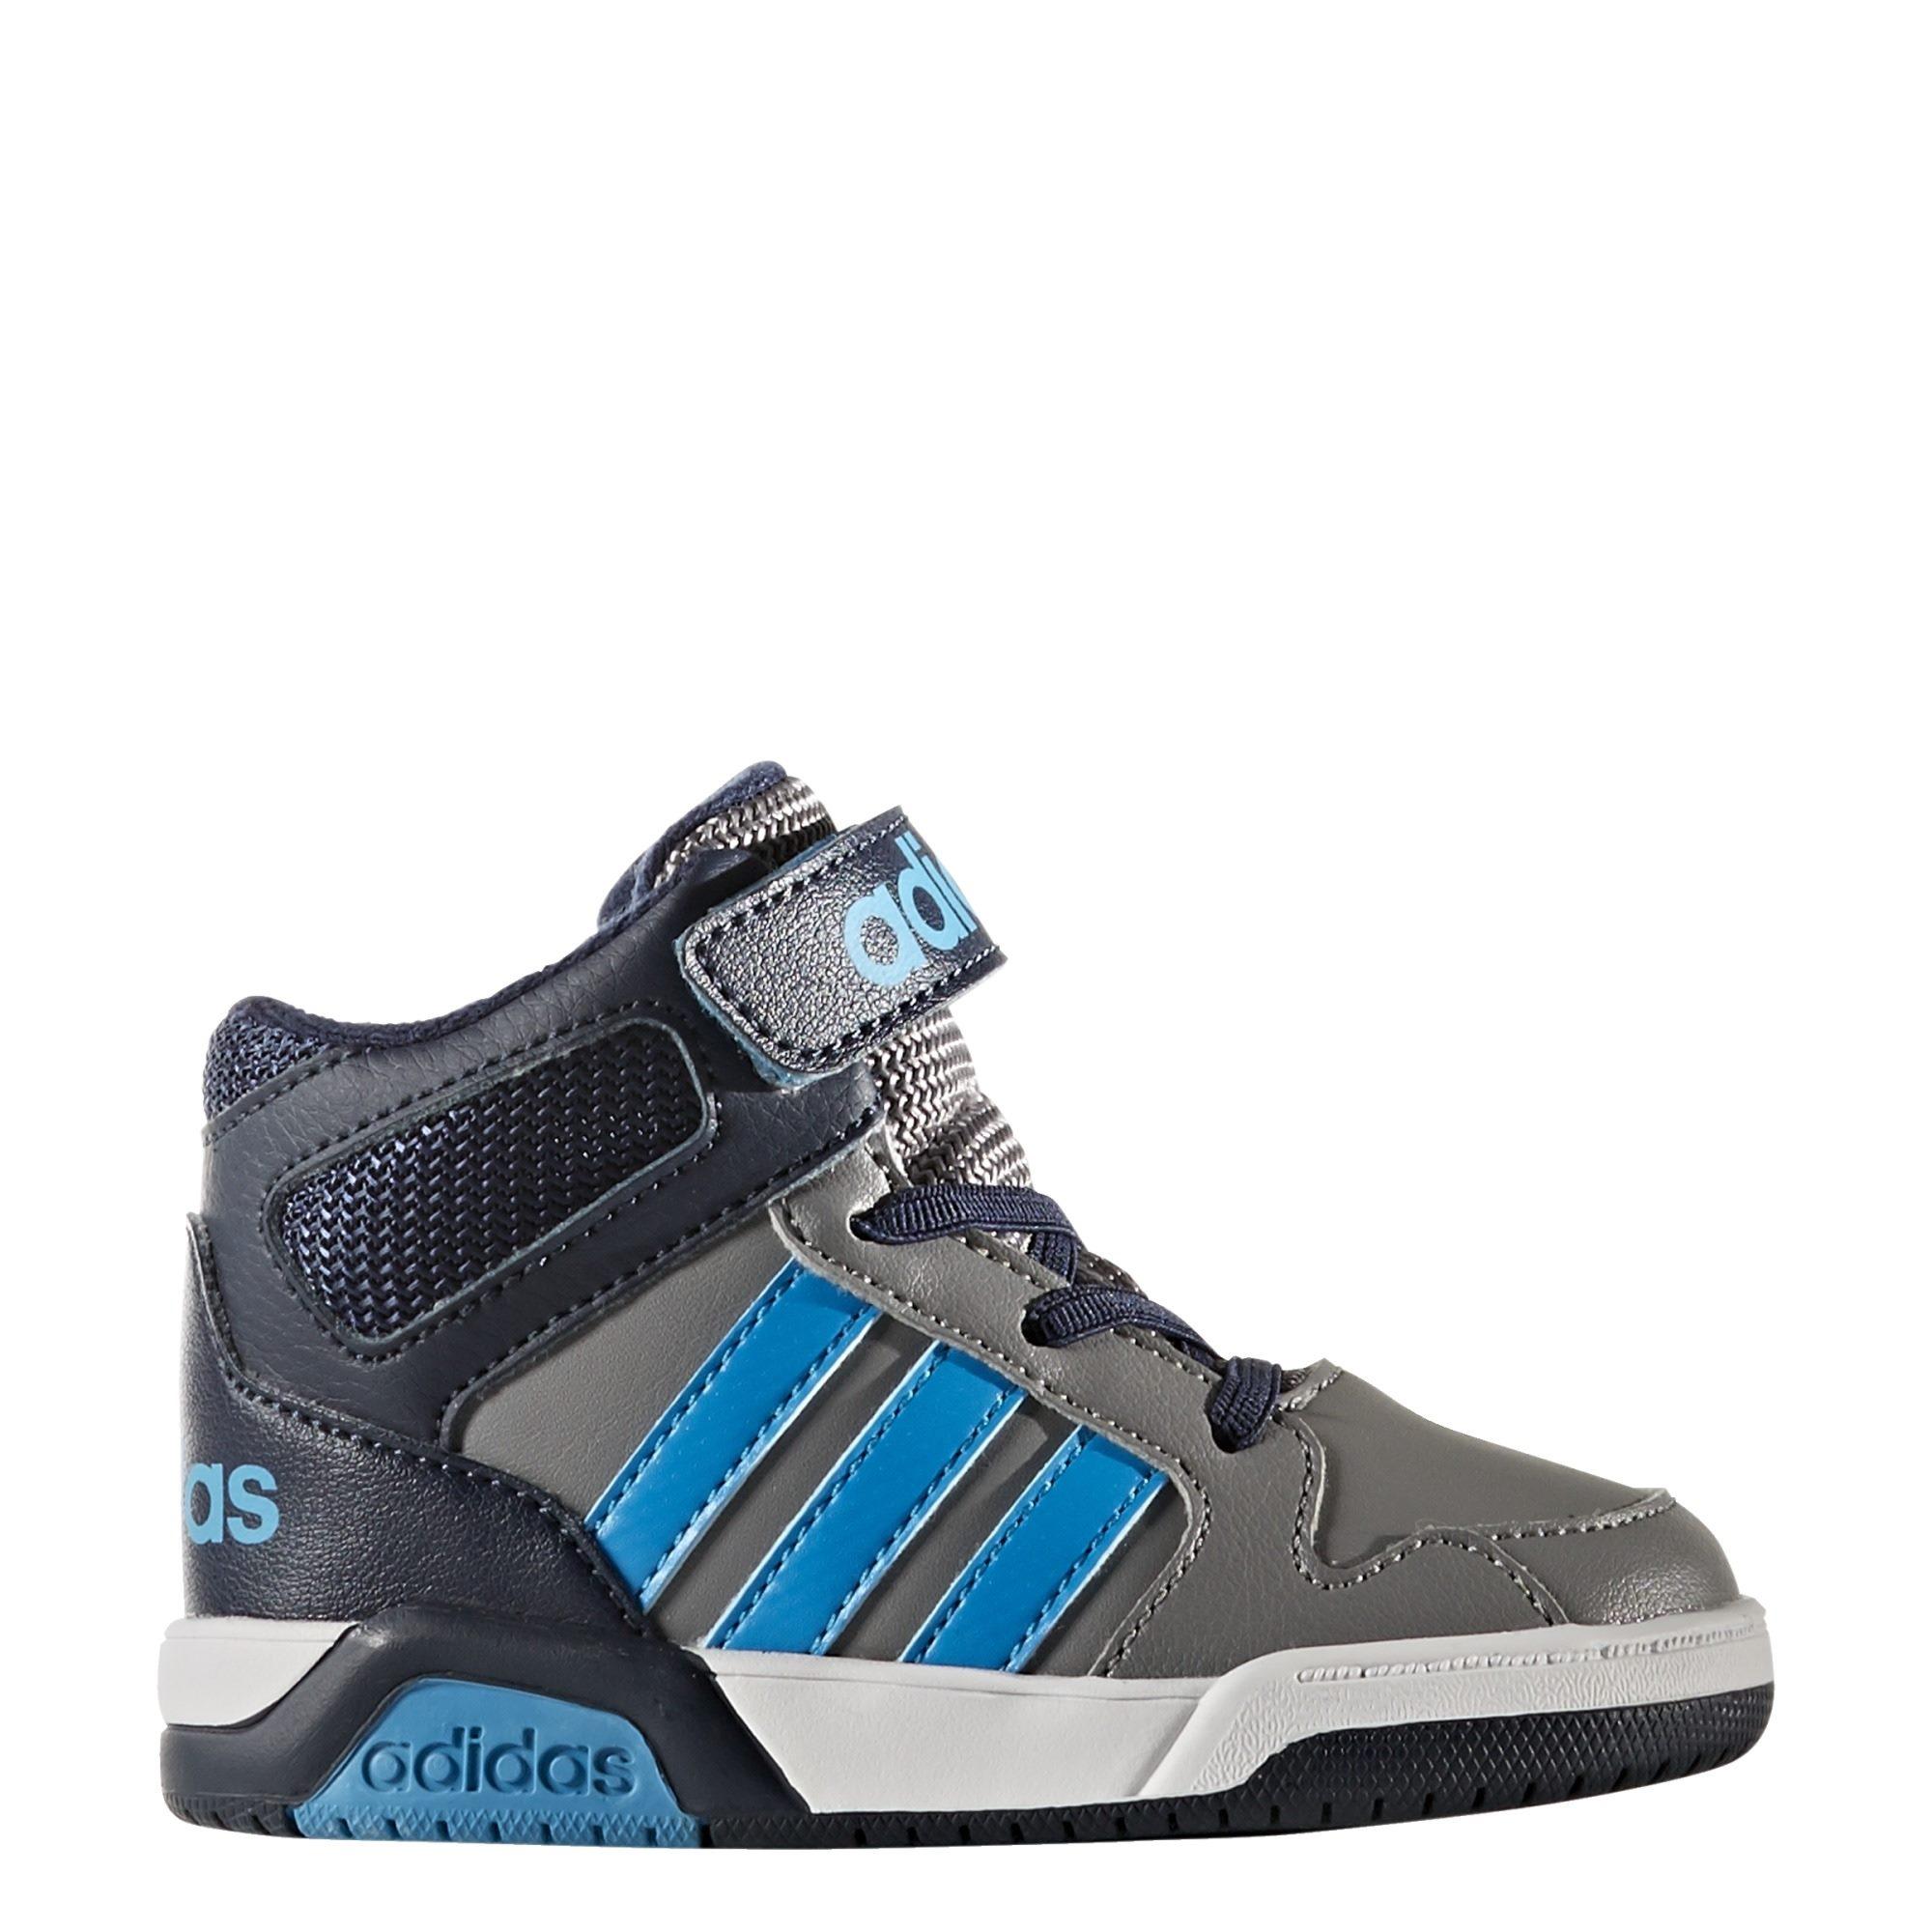 Adidas BB9TIS Inf Grethr Baby schoenen